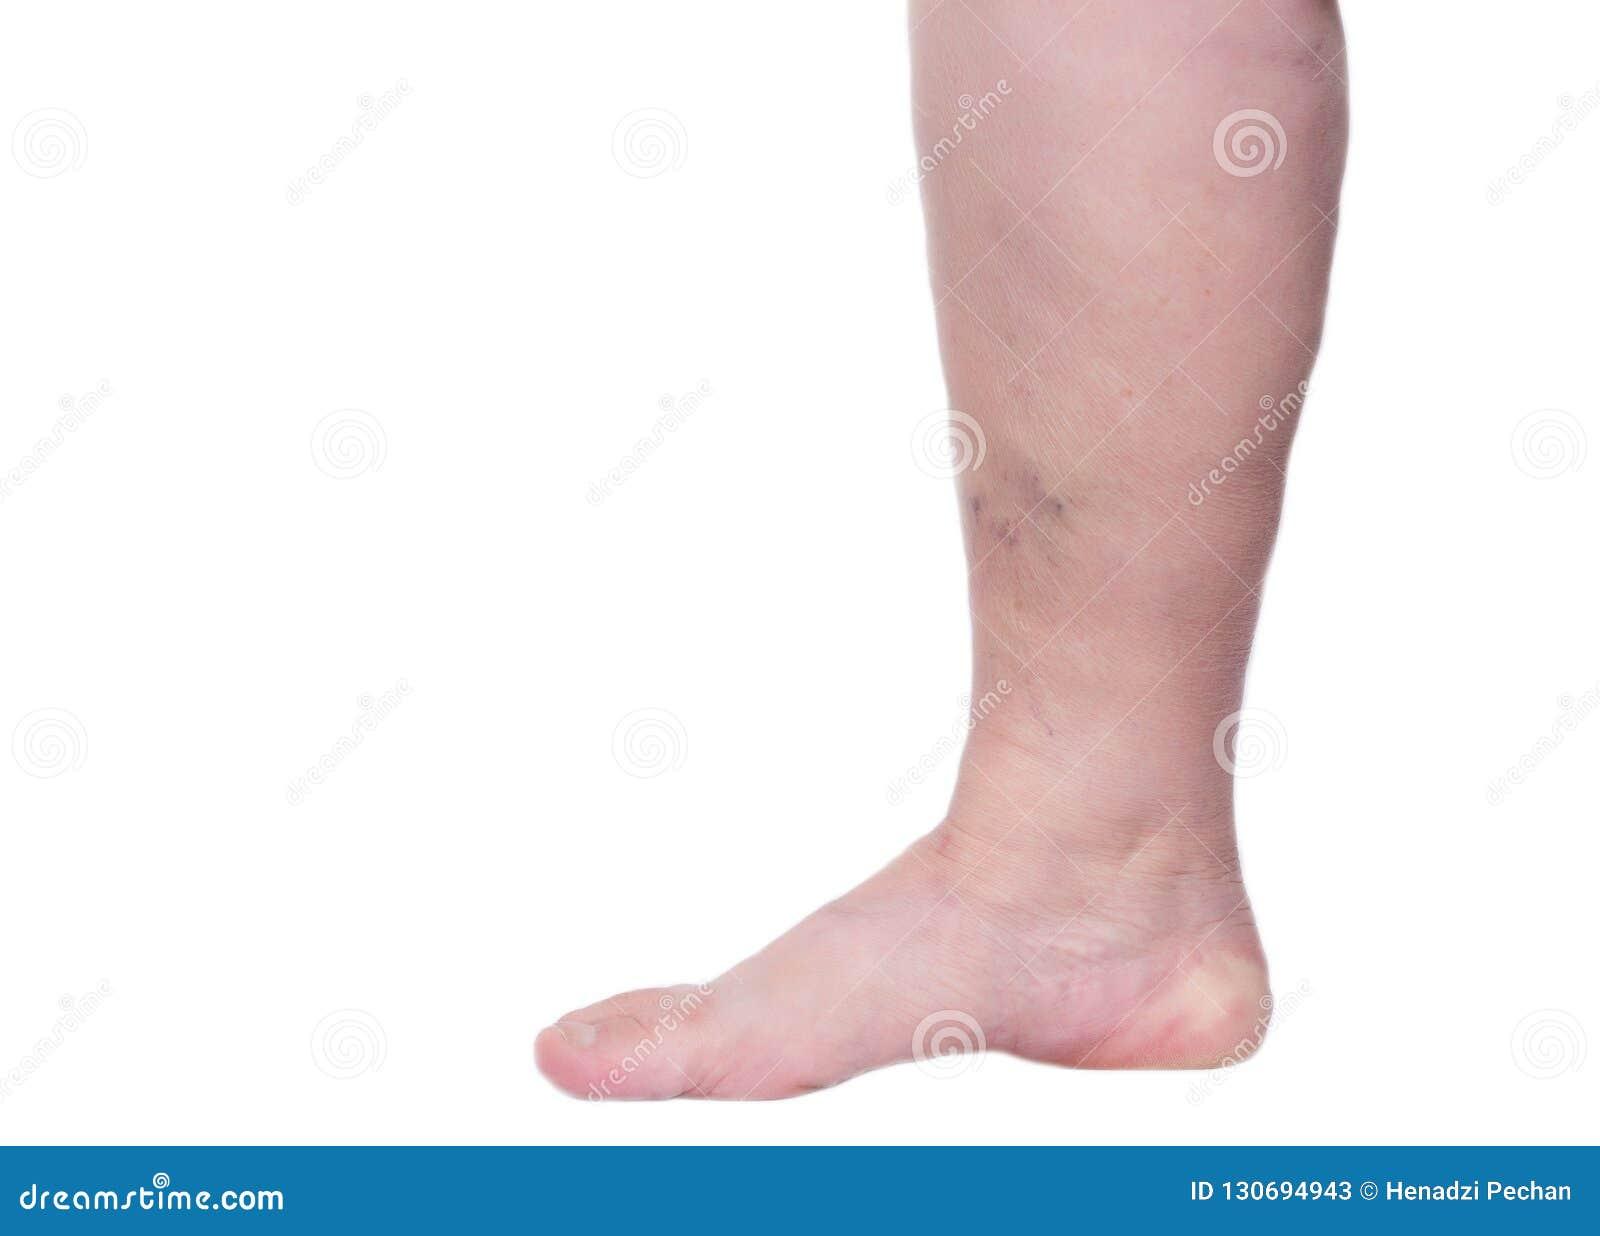 trombosis en varices